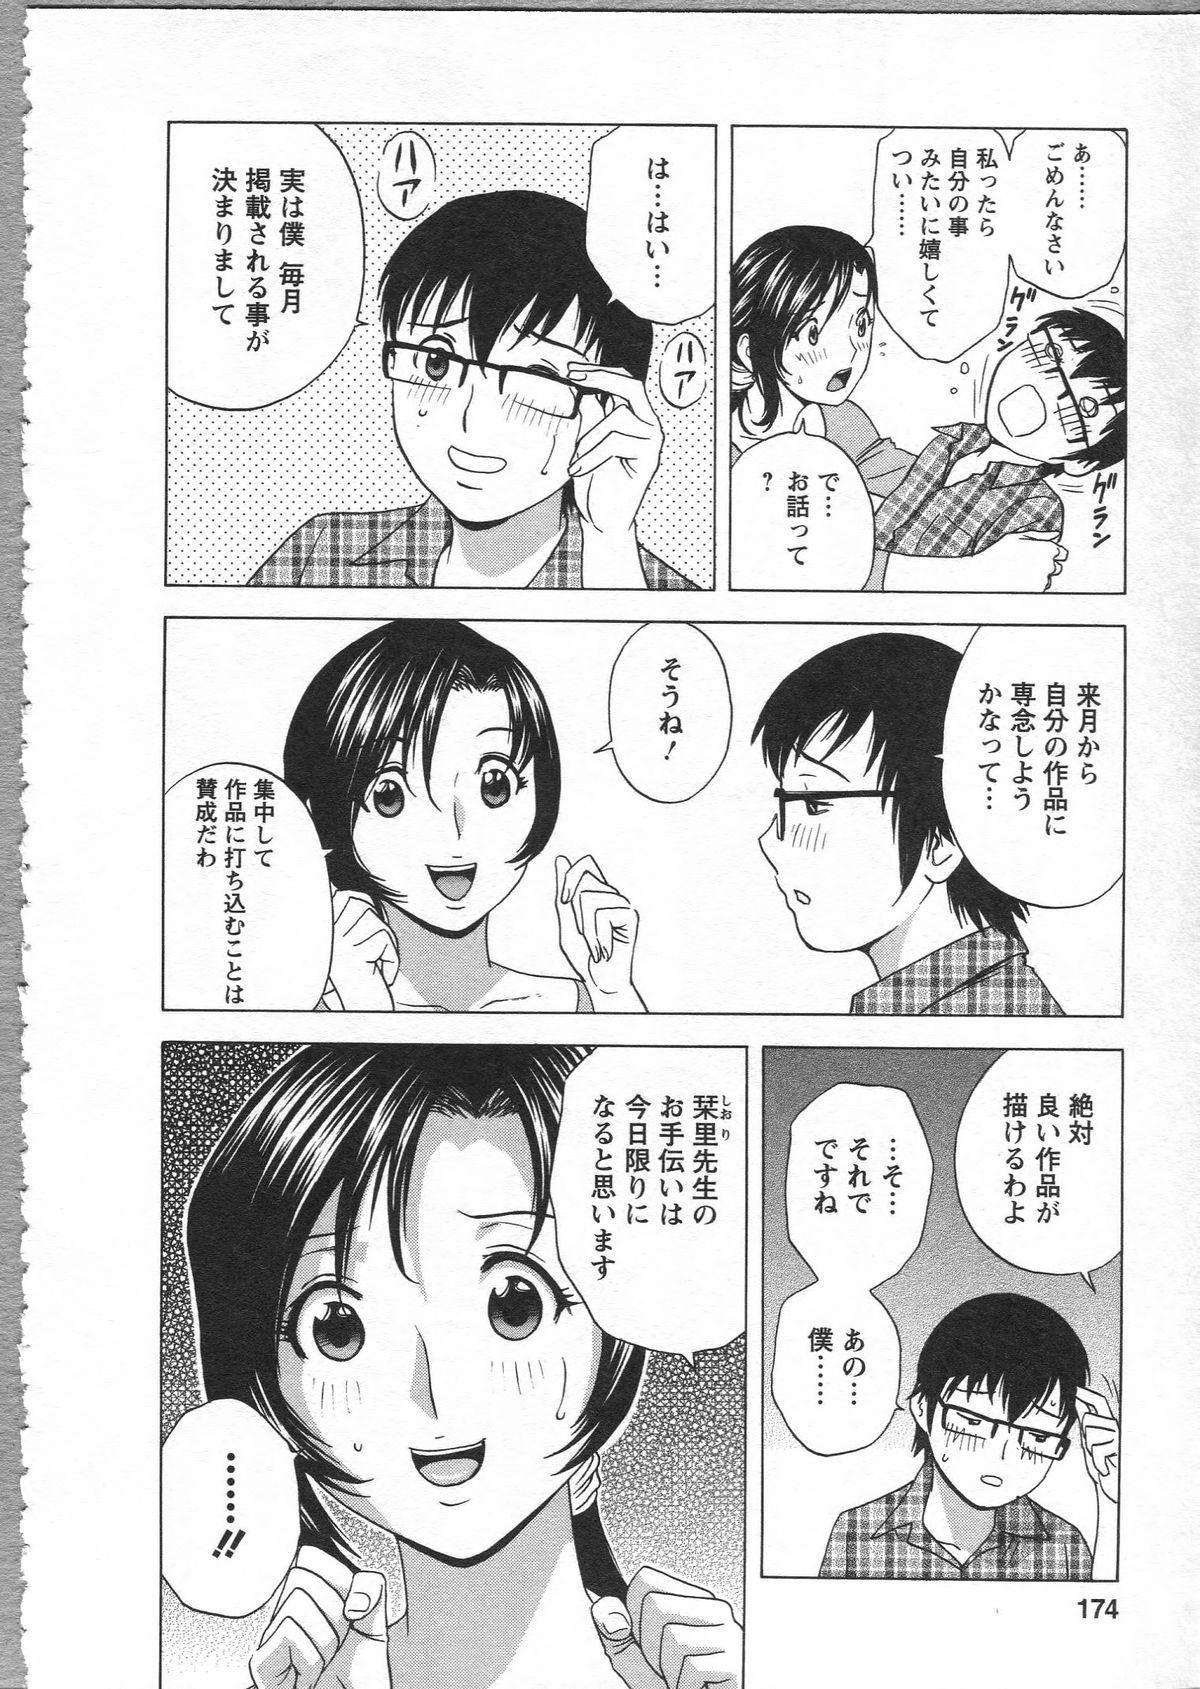 Manga no youna Hitozuma to no Hibi - Days with Married Women such as Comics. 173